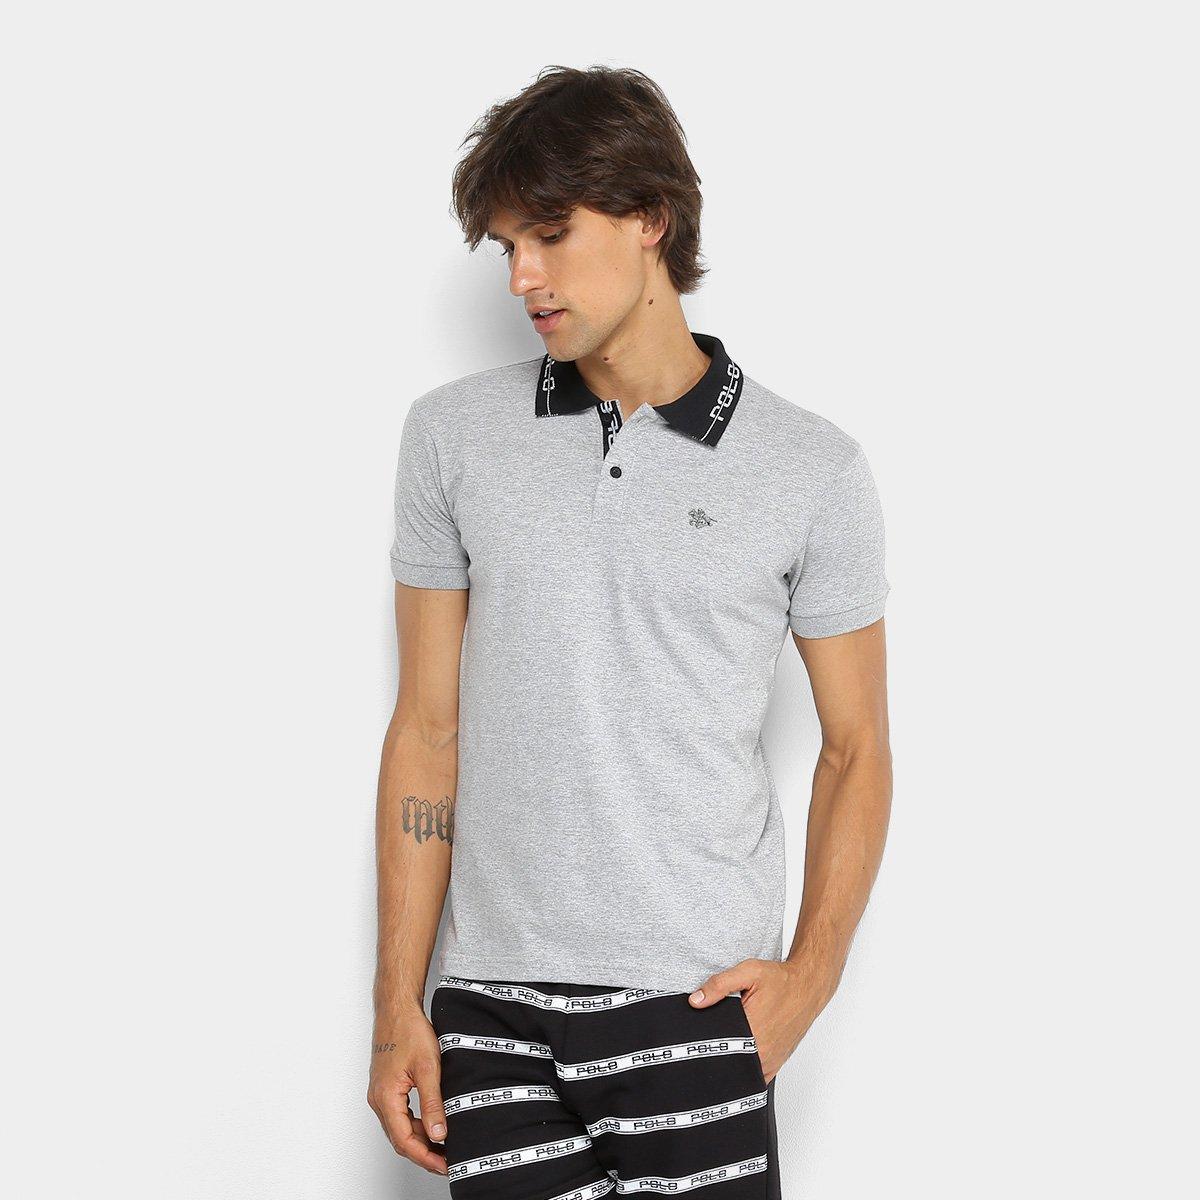 1d45aaf62 Camisa Polo Polo RG 518 Gola Estampada Masculina